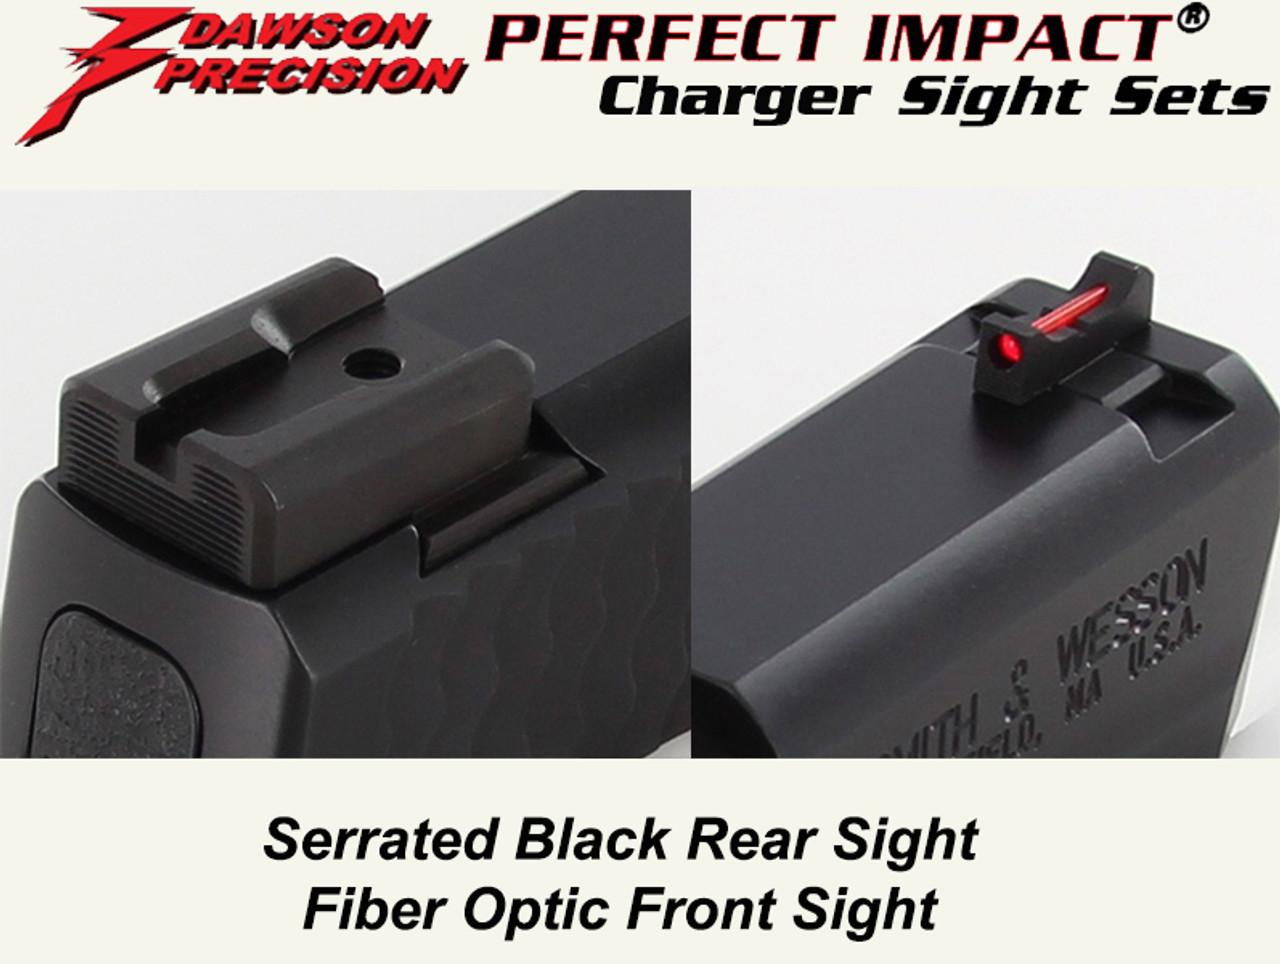 2c9275f1d1c9 Dawson Precision S W M P Shield Fixed Charger Sight Set - Black Rear    Fiber Optic Front - Dawson Precision